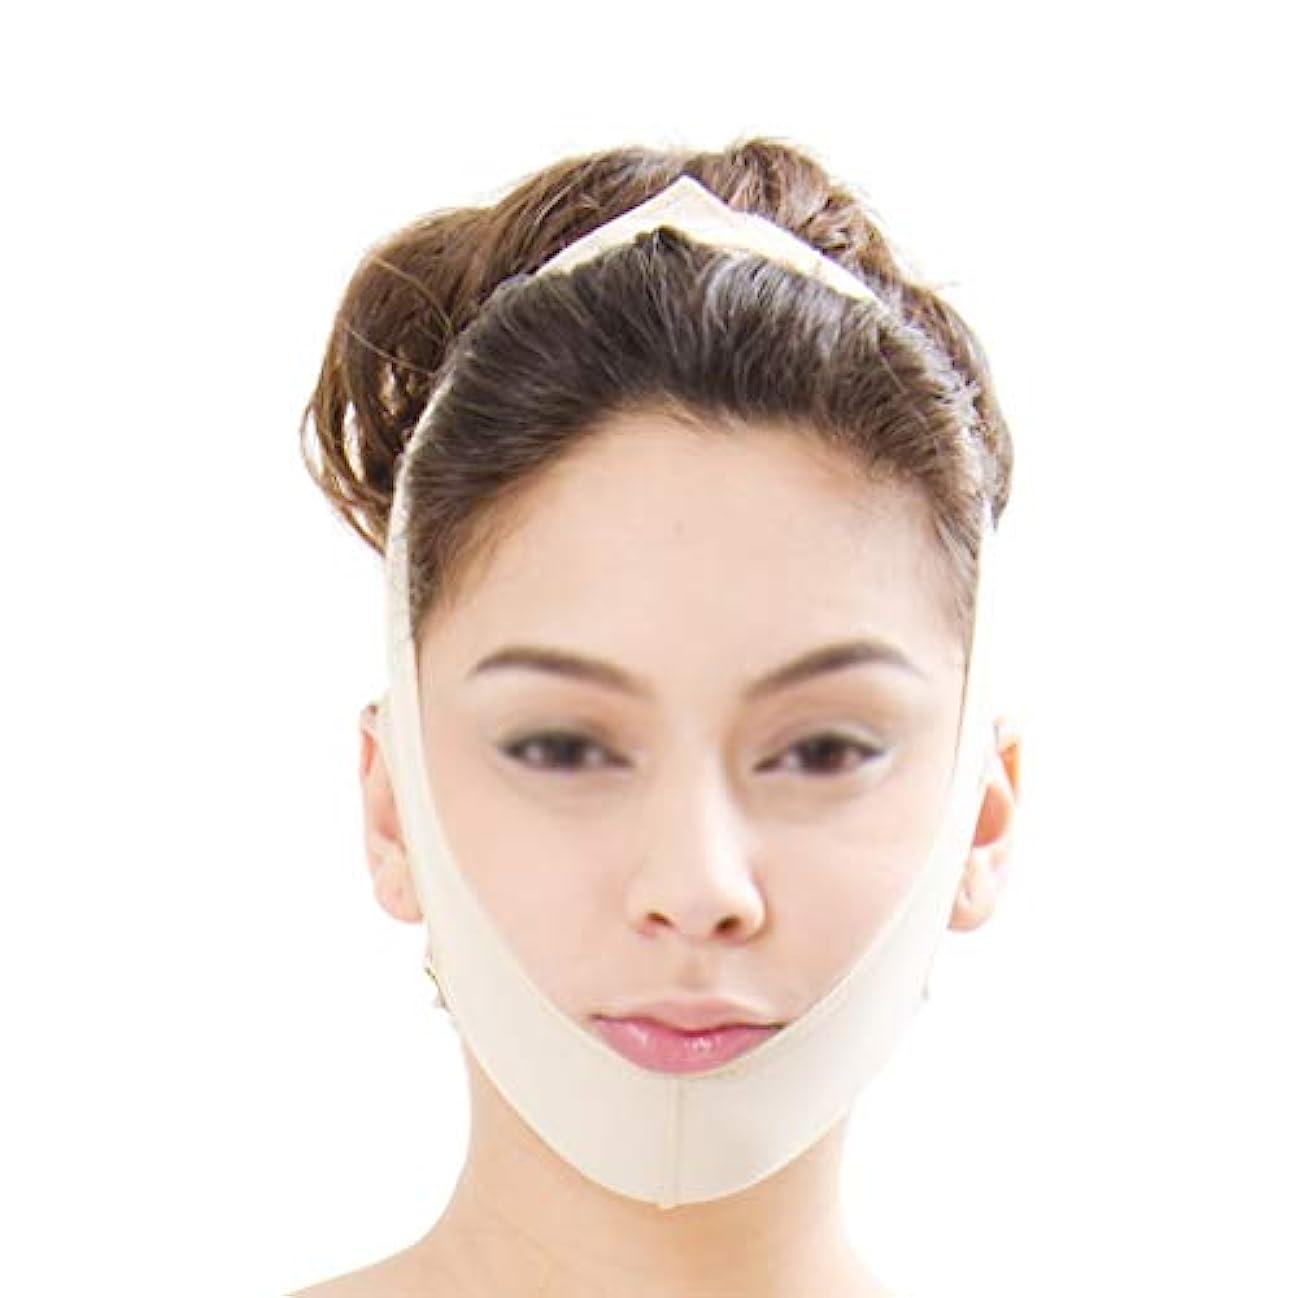 眉教養がある事業内容LJK フェイススリミング包帯、フェイスリフティングマスク、フェイスリフティング包帯、フェイシャル減量マスク、ダブルチンケア減量 (Size : M)